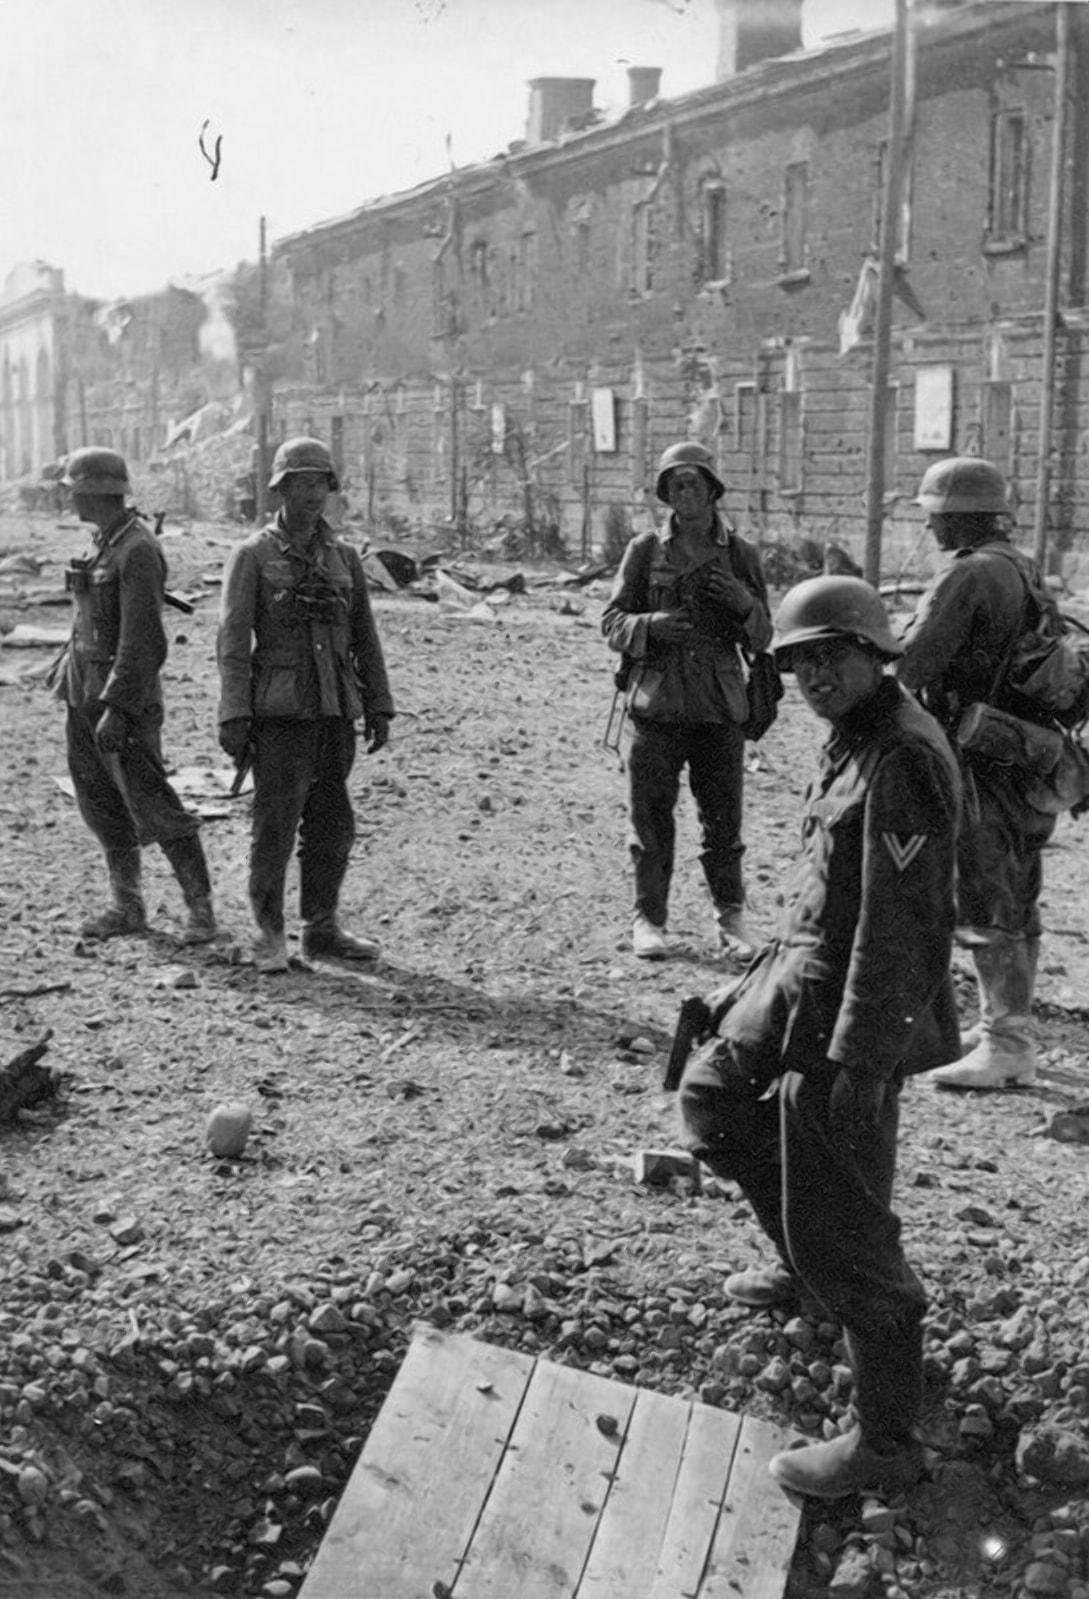 Гитлеровцы могли наткнуться на сопротивление в любом уголке города